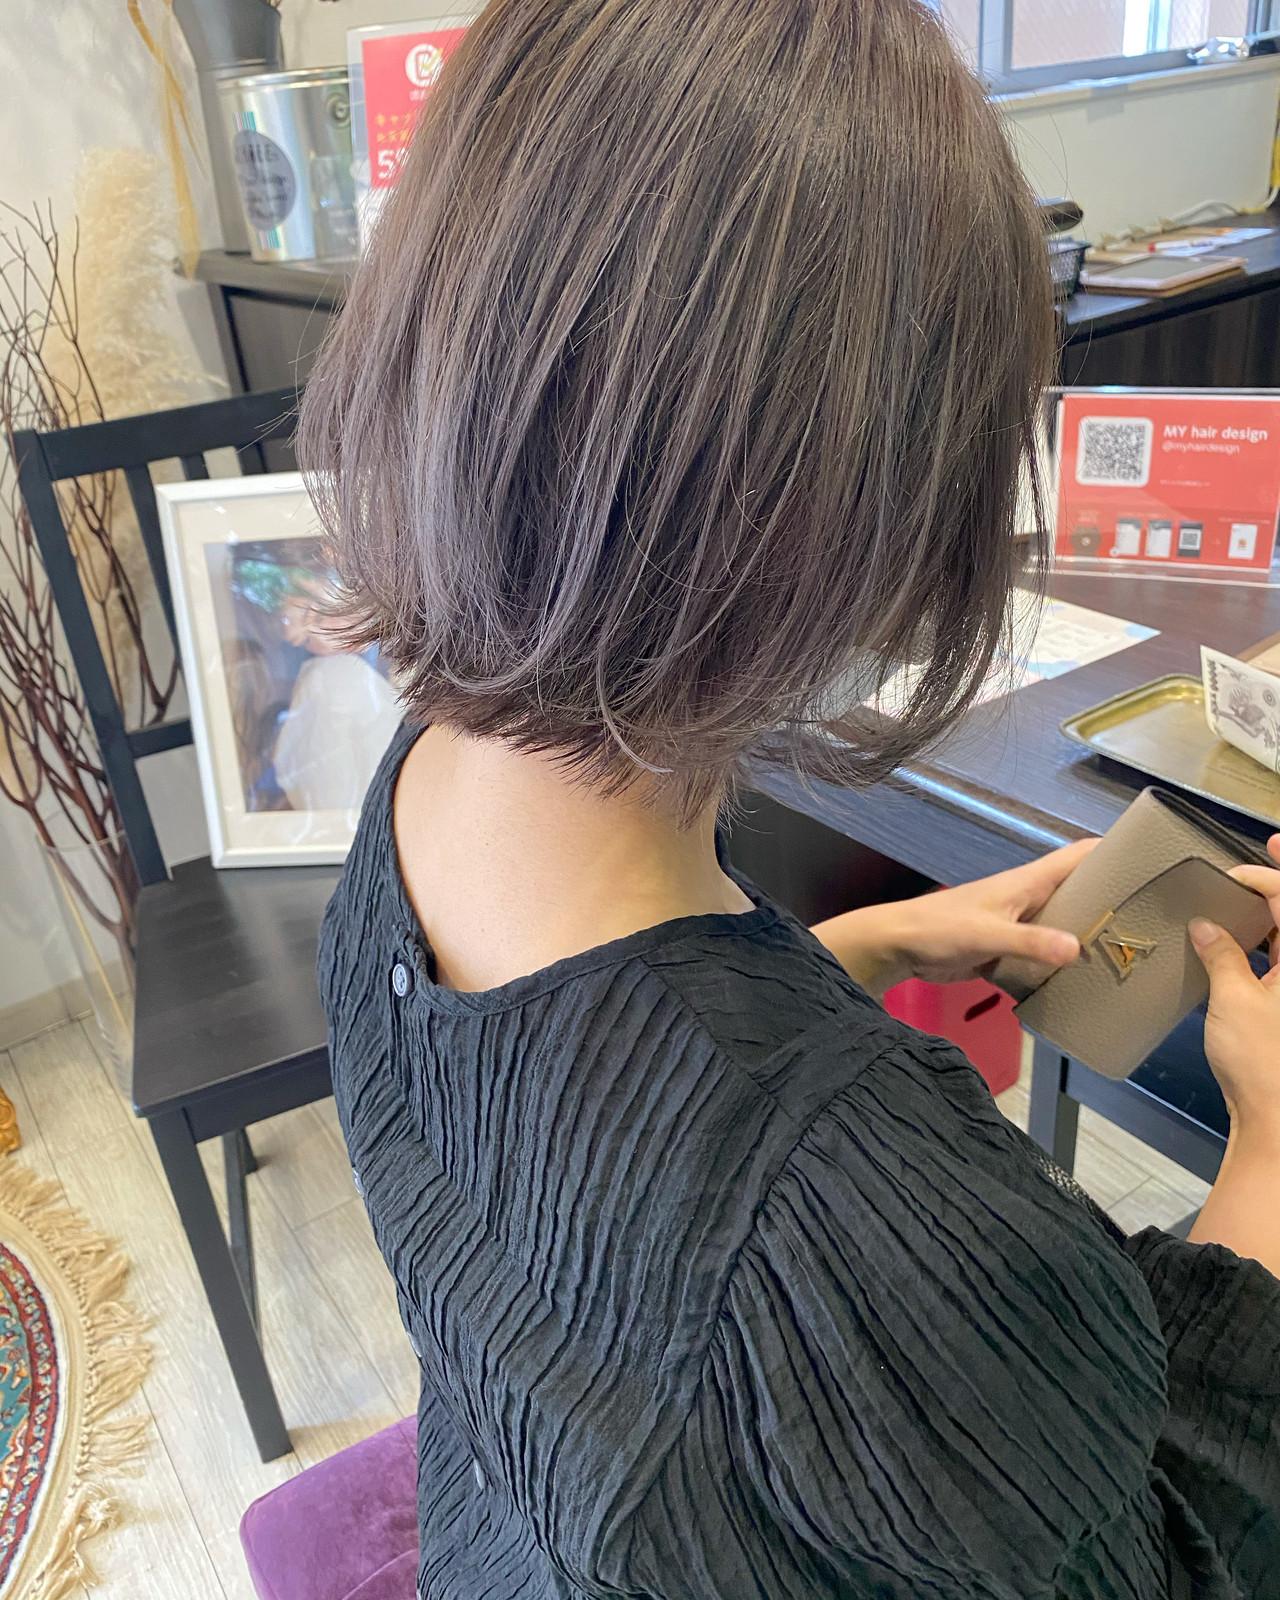 ラベンダーグレージュ ナチュラル ボブ ダブルカラー ヘアスタイルや髪型の写真・画像 | 中内田沙織 / MY hair design